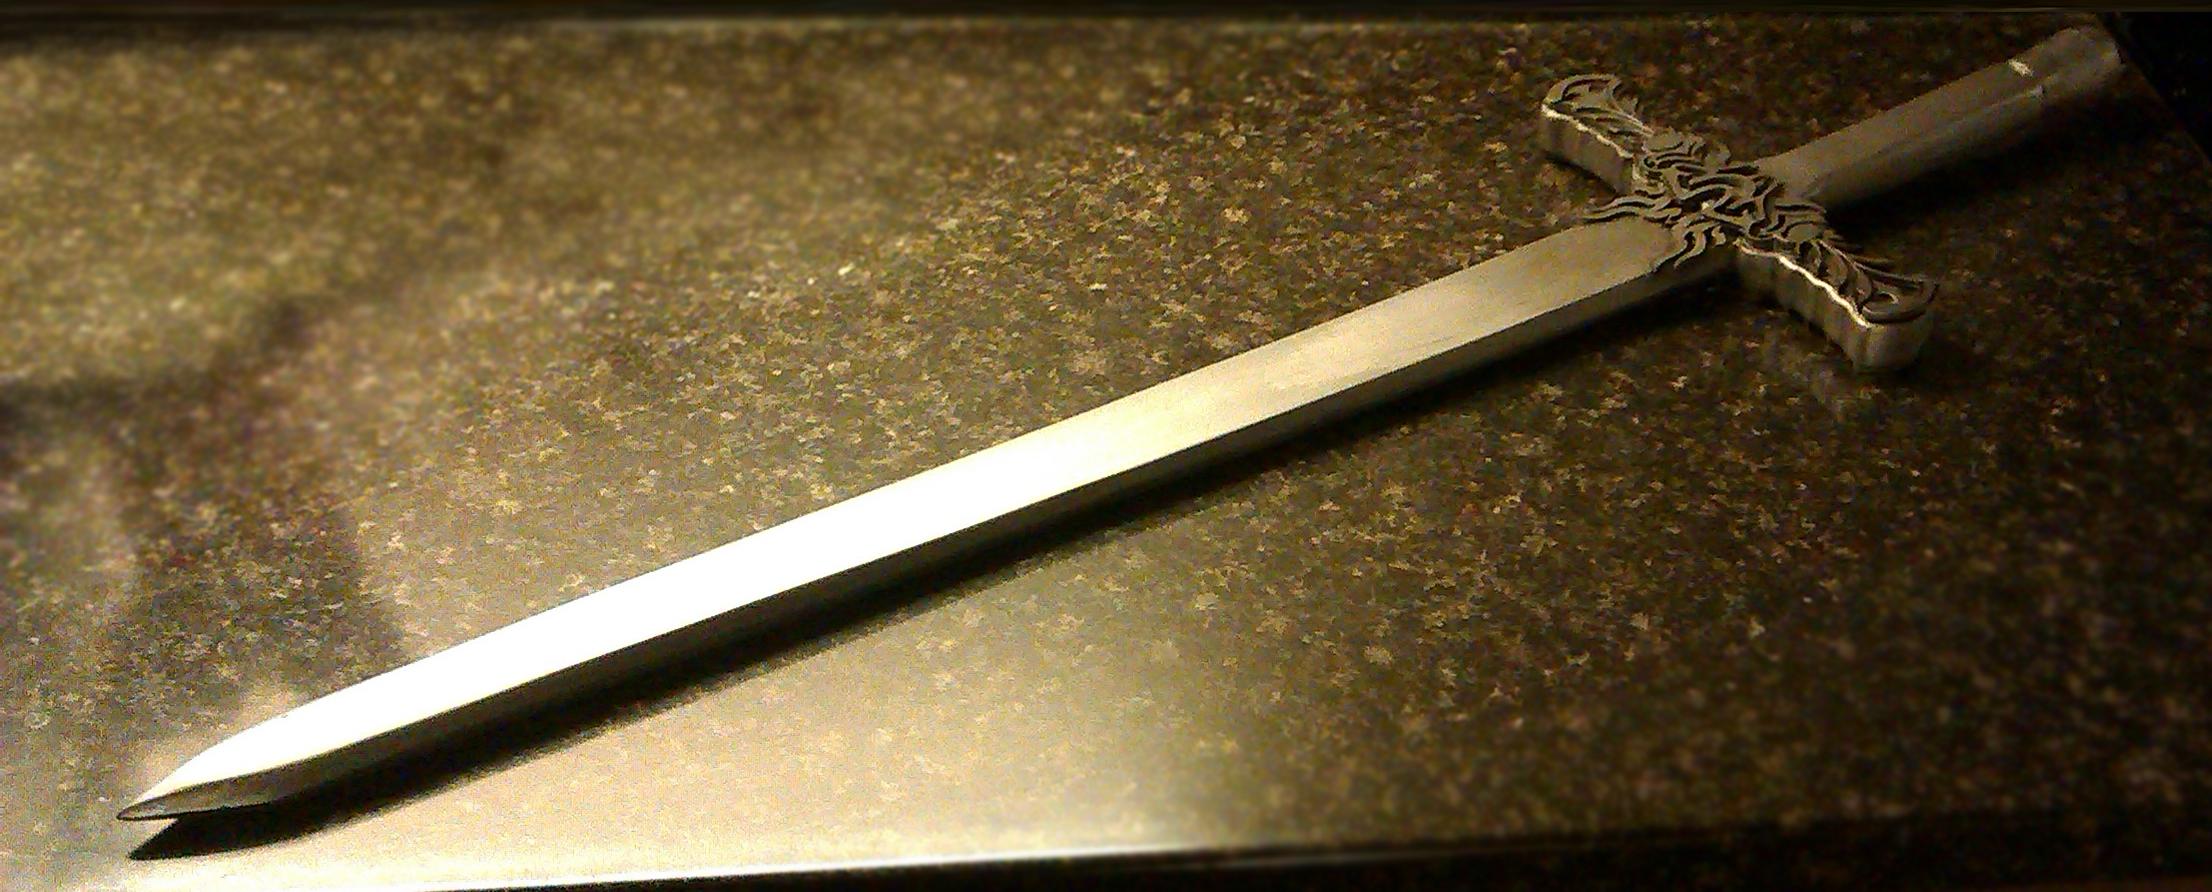 SKYRIM: Silver Sword by Fraxuur